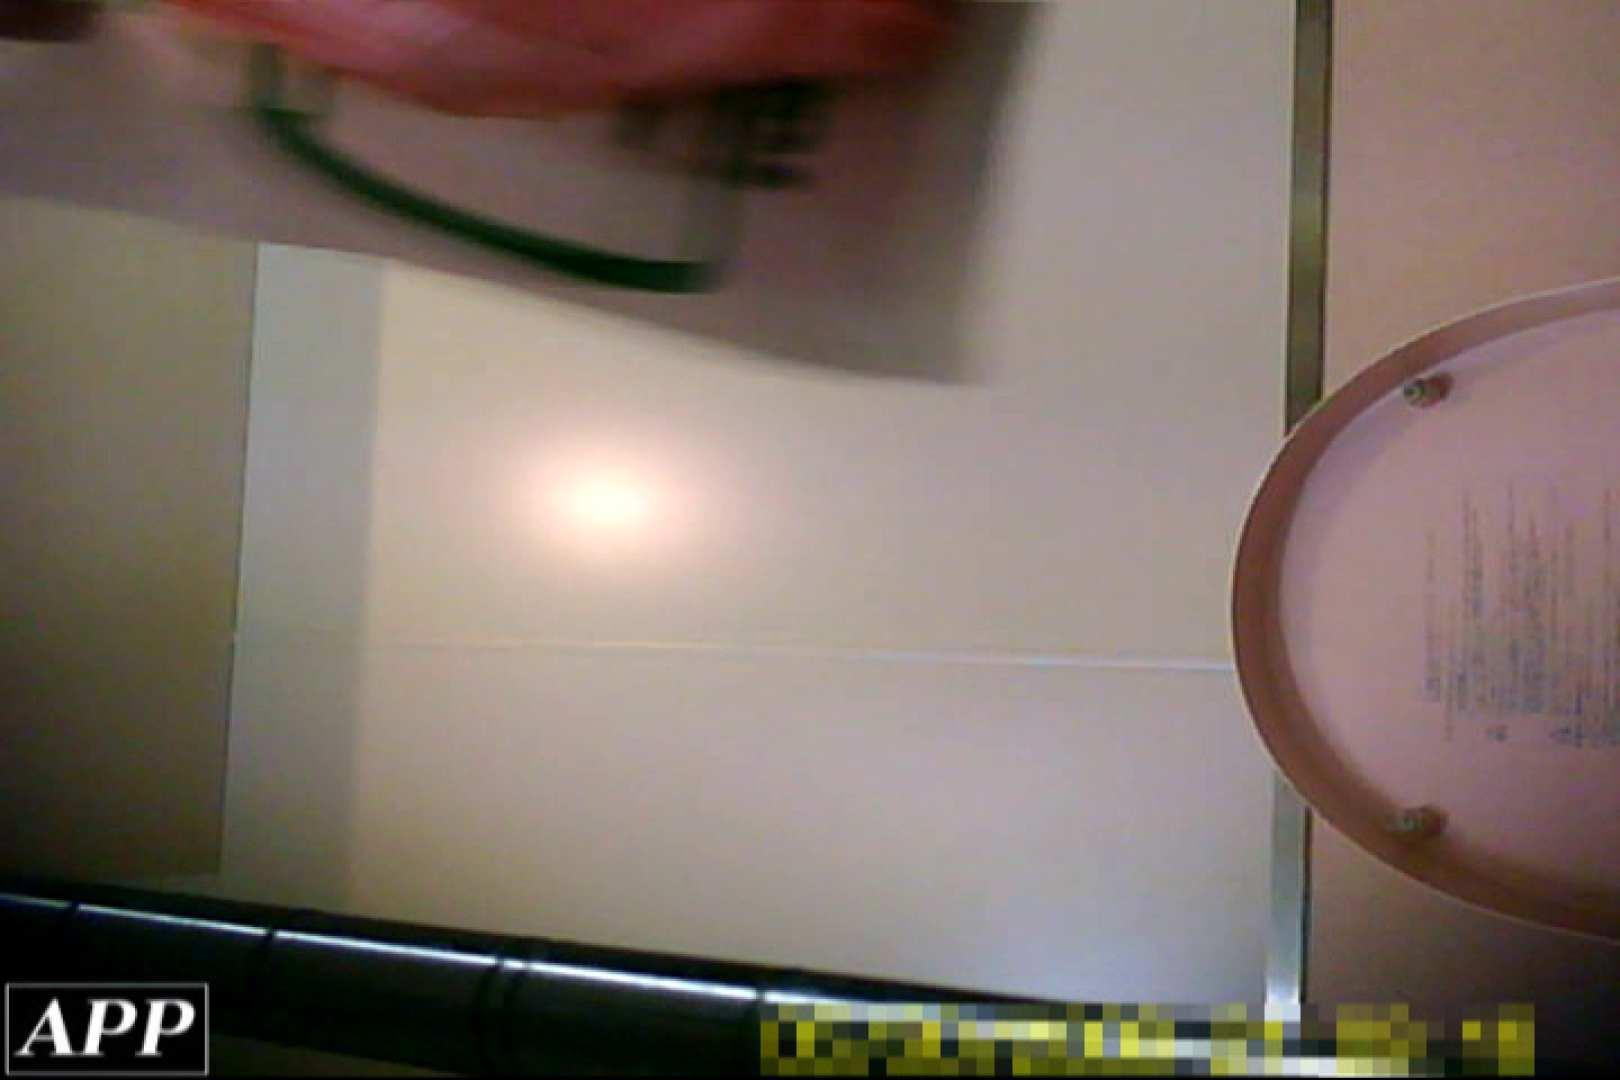 3視点洗面所 vol.38 洗面所のぞき エロ画像 107枚 87